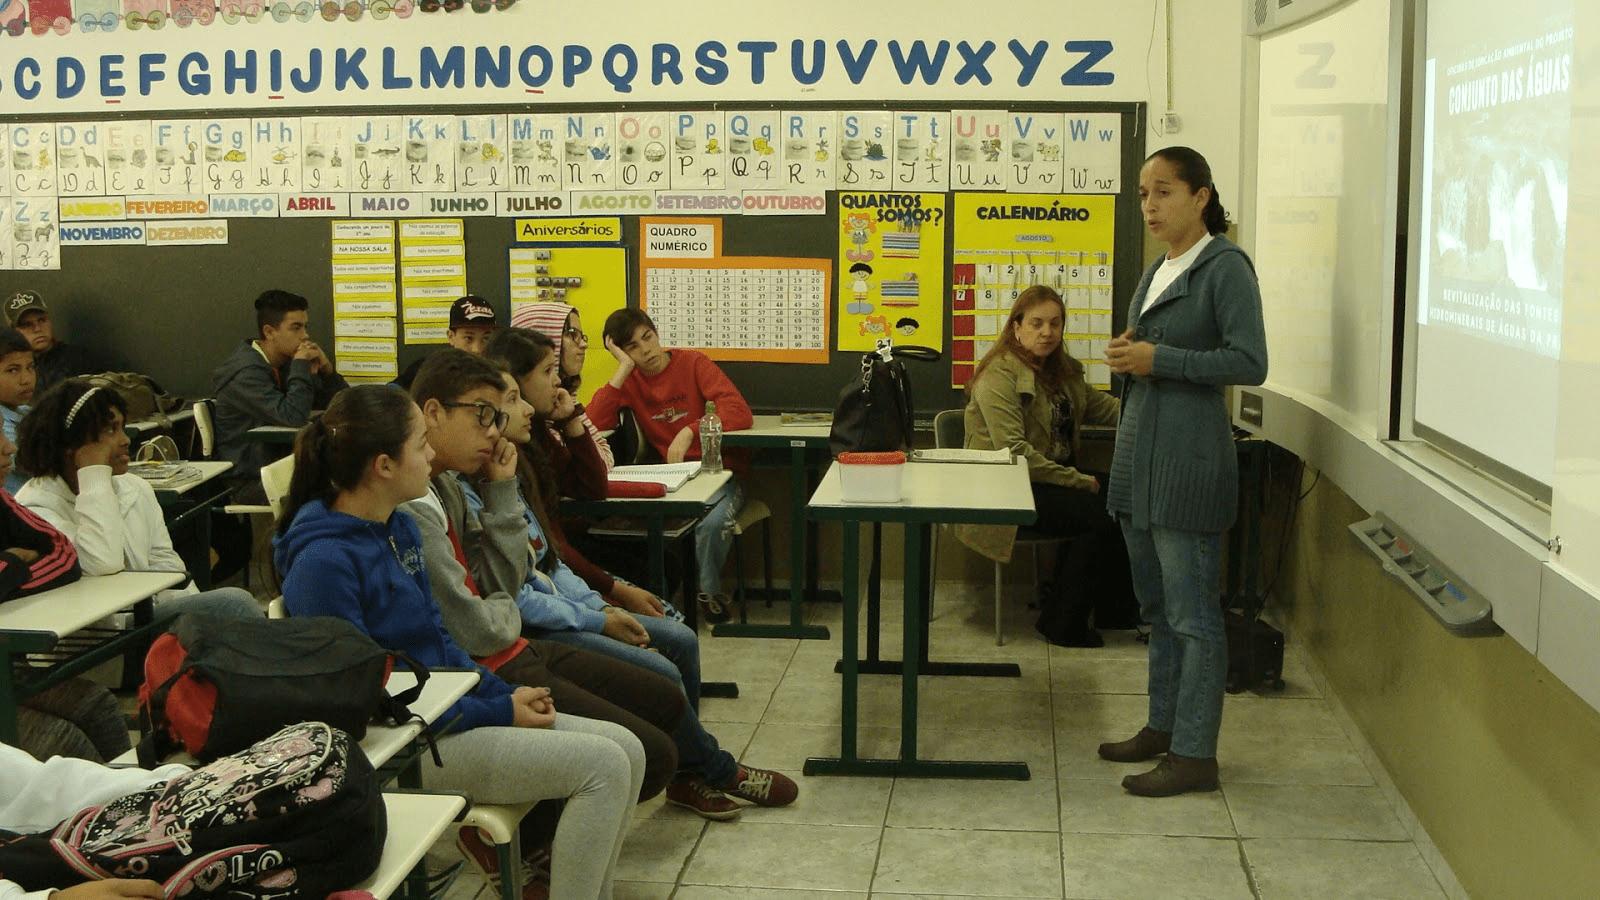 Escola JOAO URIAS DA SILVA CAPITAO - em SAO ROQUE DA FARTURA, AGUAS DA PRATA, SP